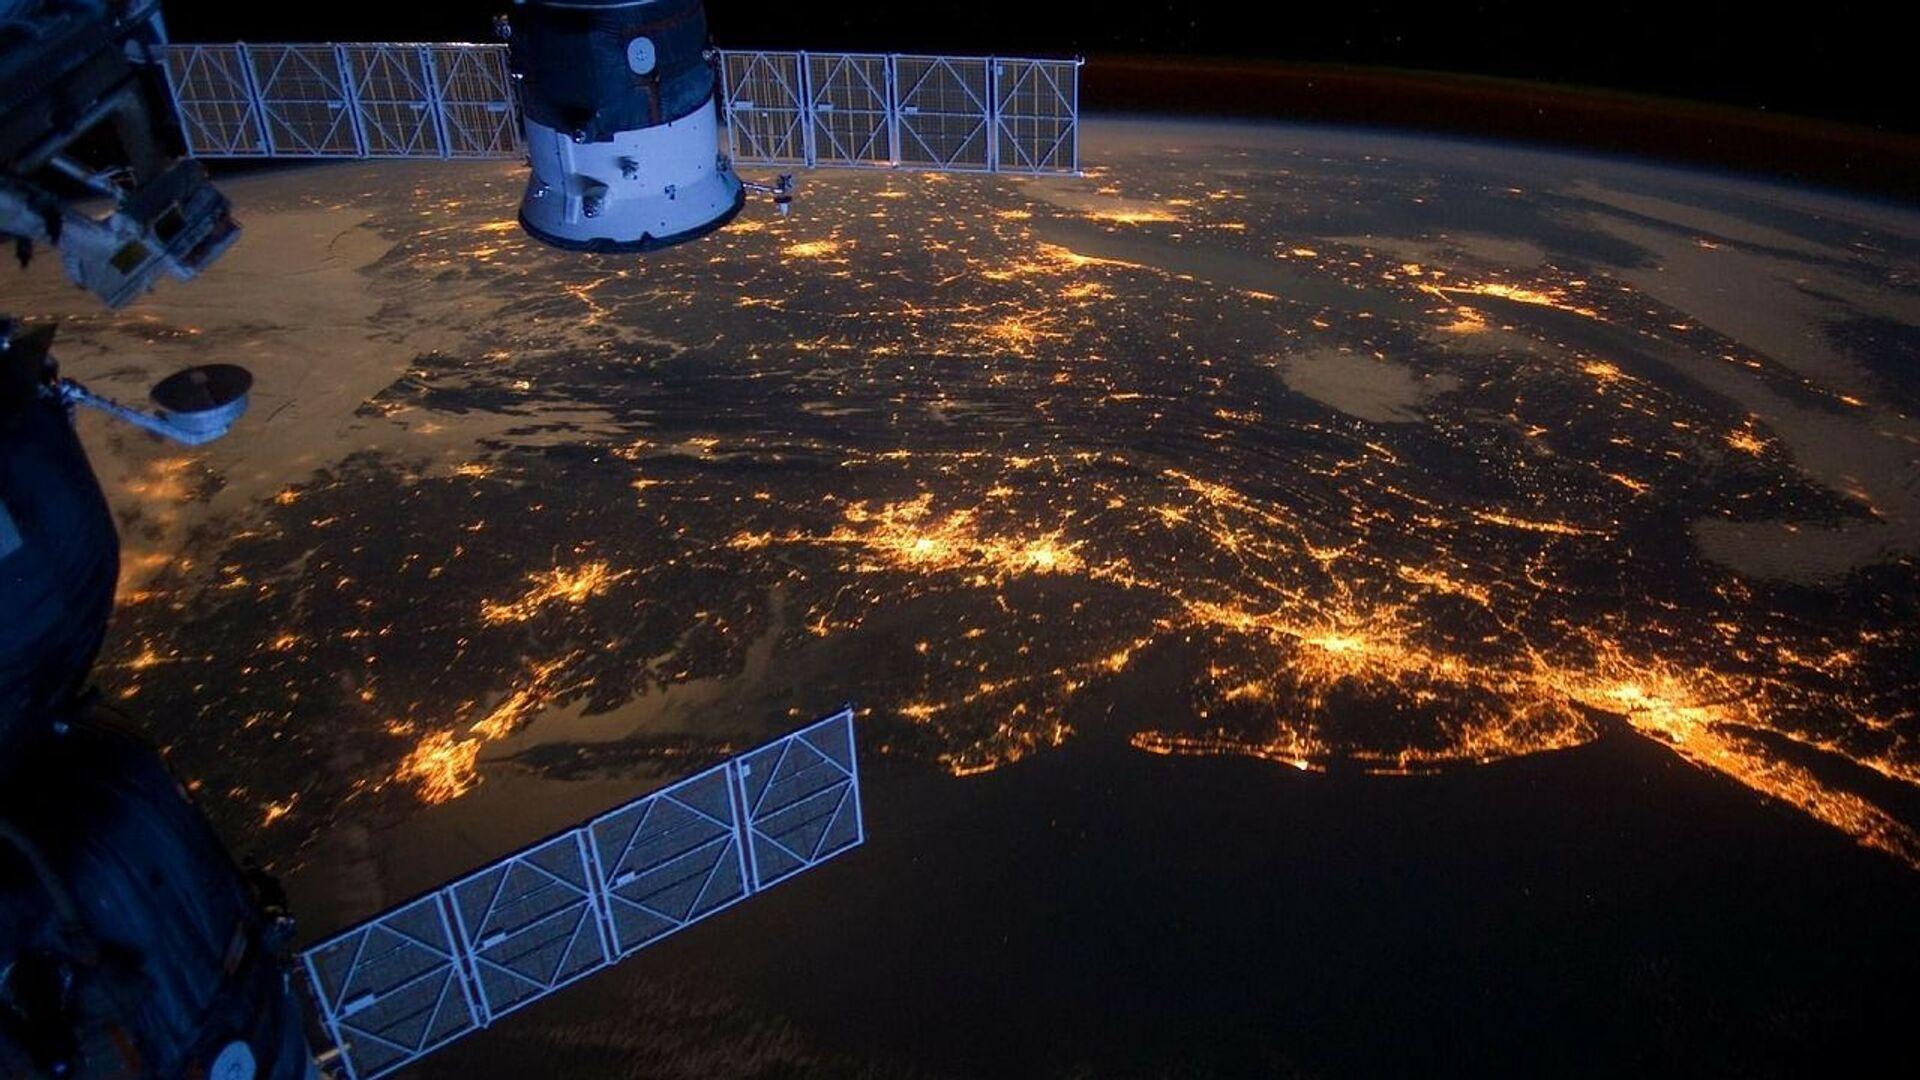 Satélite en el espacio  - Sputnik Mundo, 1920, 24.07.2020